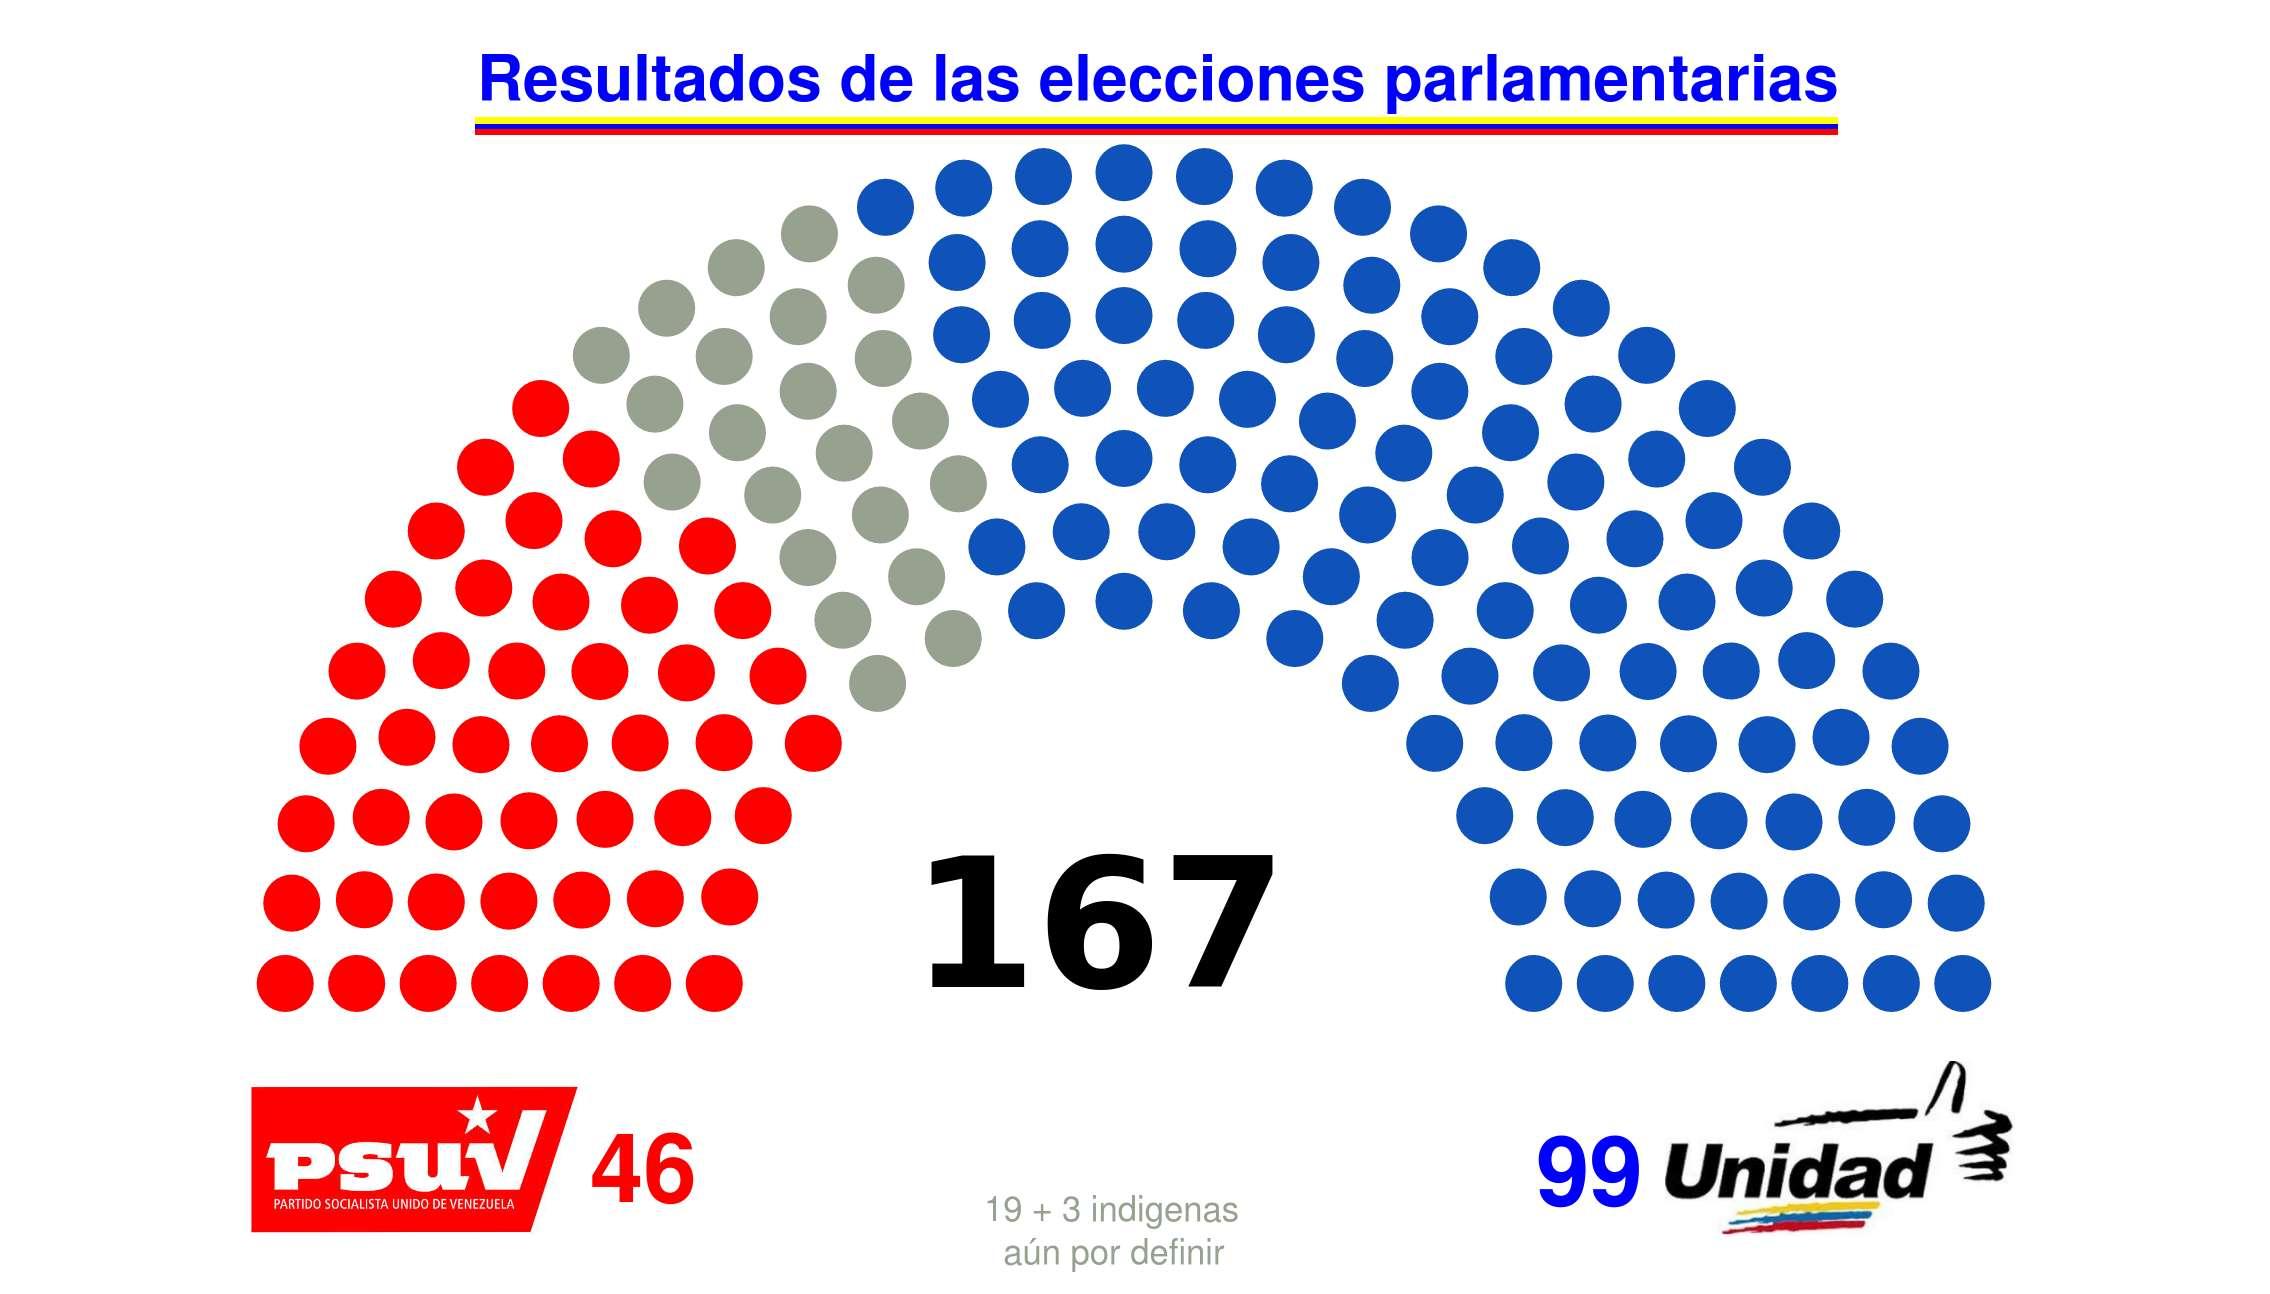 Foto cortesía de Notilogía